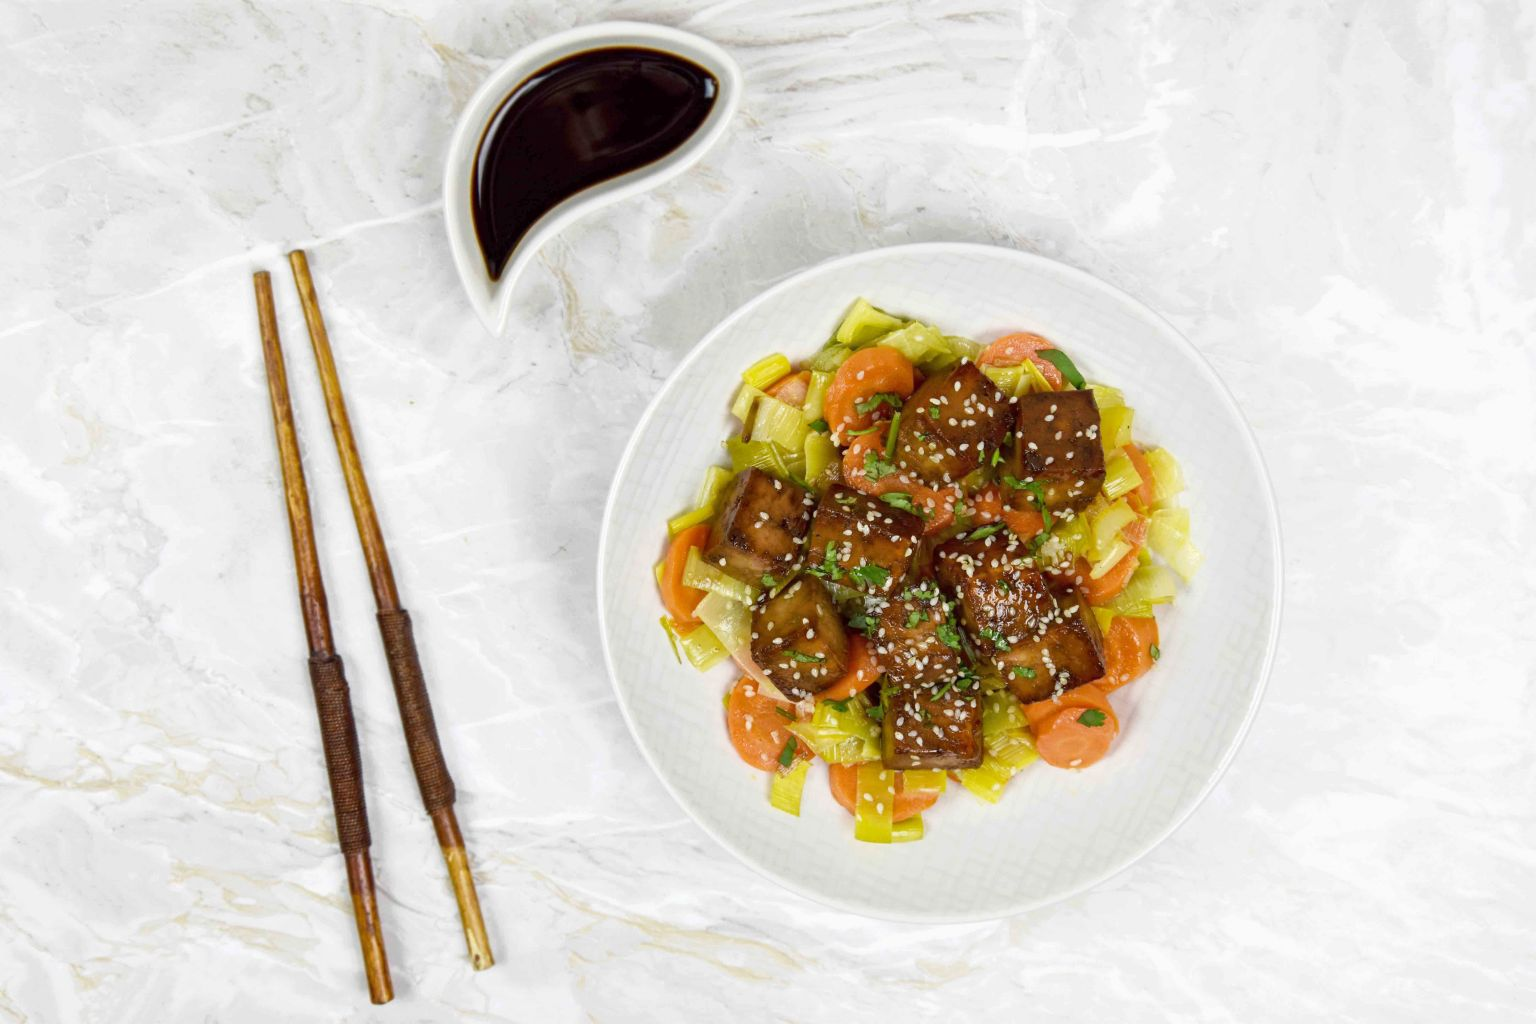 Recette tofu la sauce soja et au s same et saut de l gumes quitoque - Comment cuisiner les germes de soja frais ...